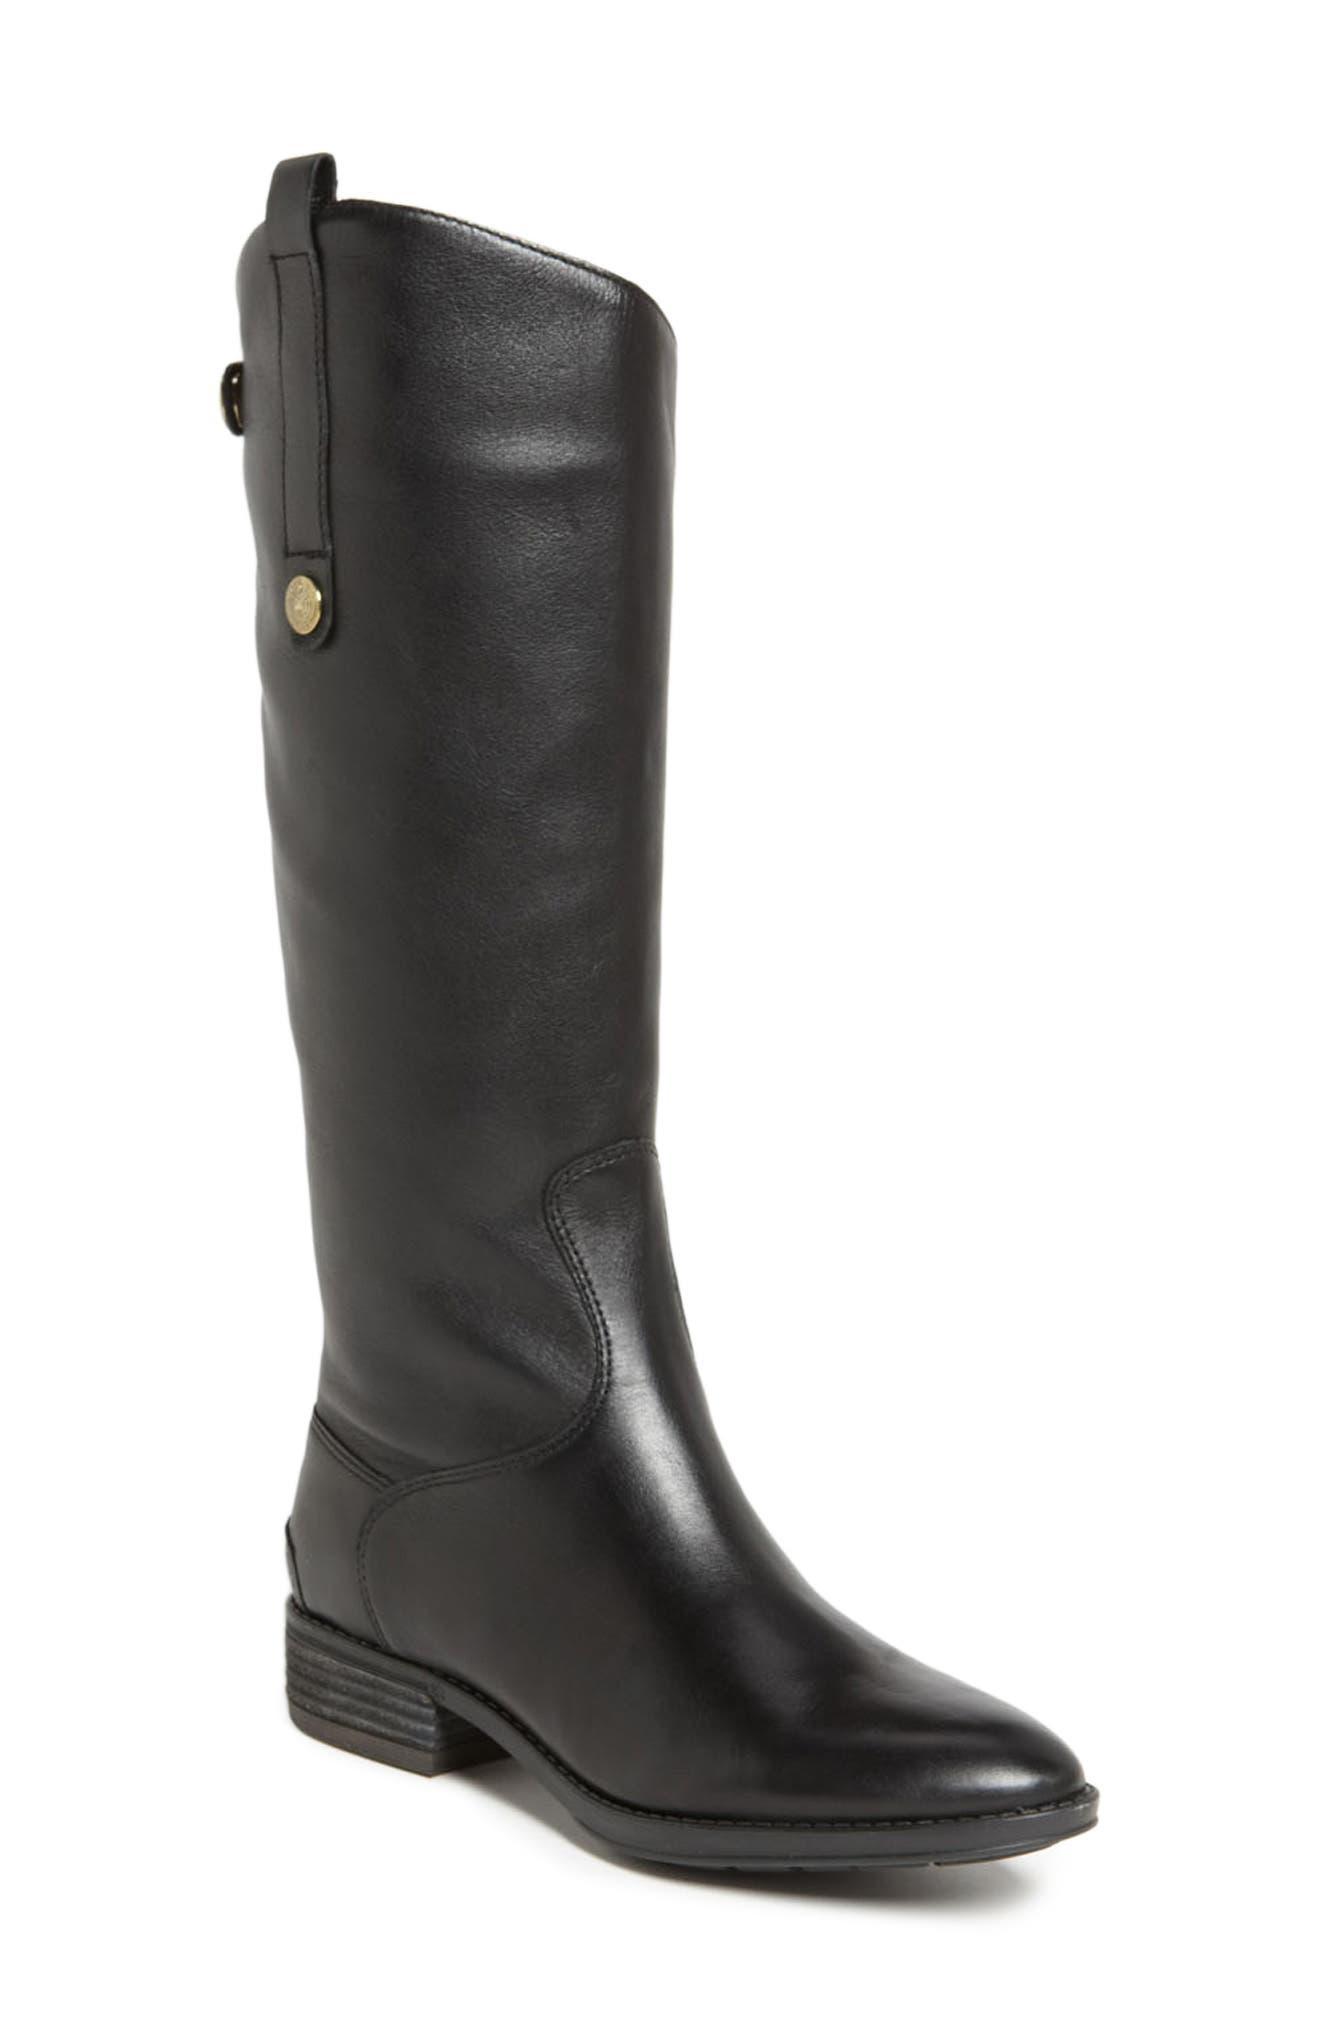 ea816bd3a092f1 Sam Edelman Boots